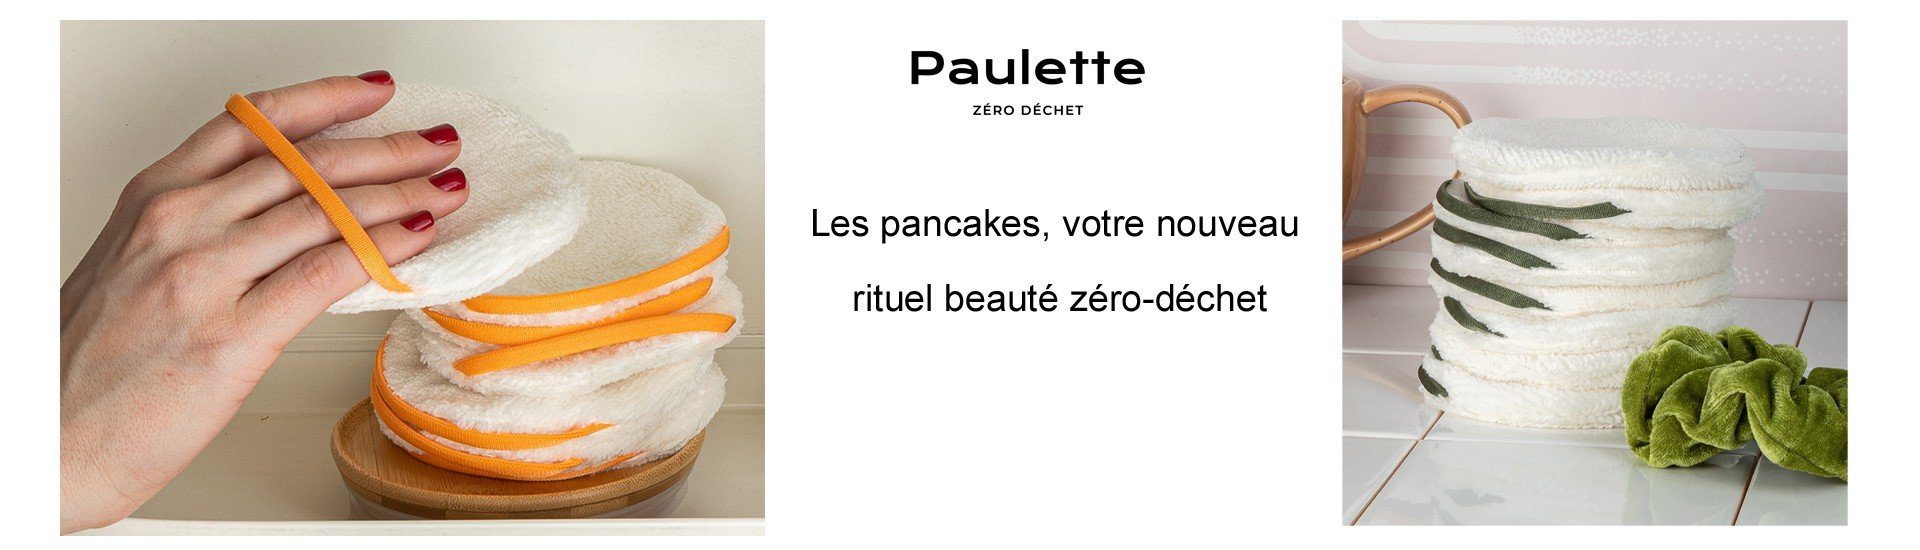 Pancakes, cotons lavables zéro déchets Paulette